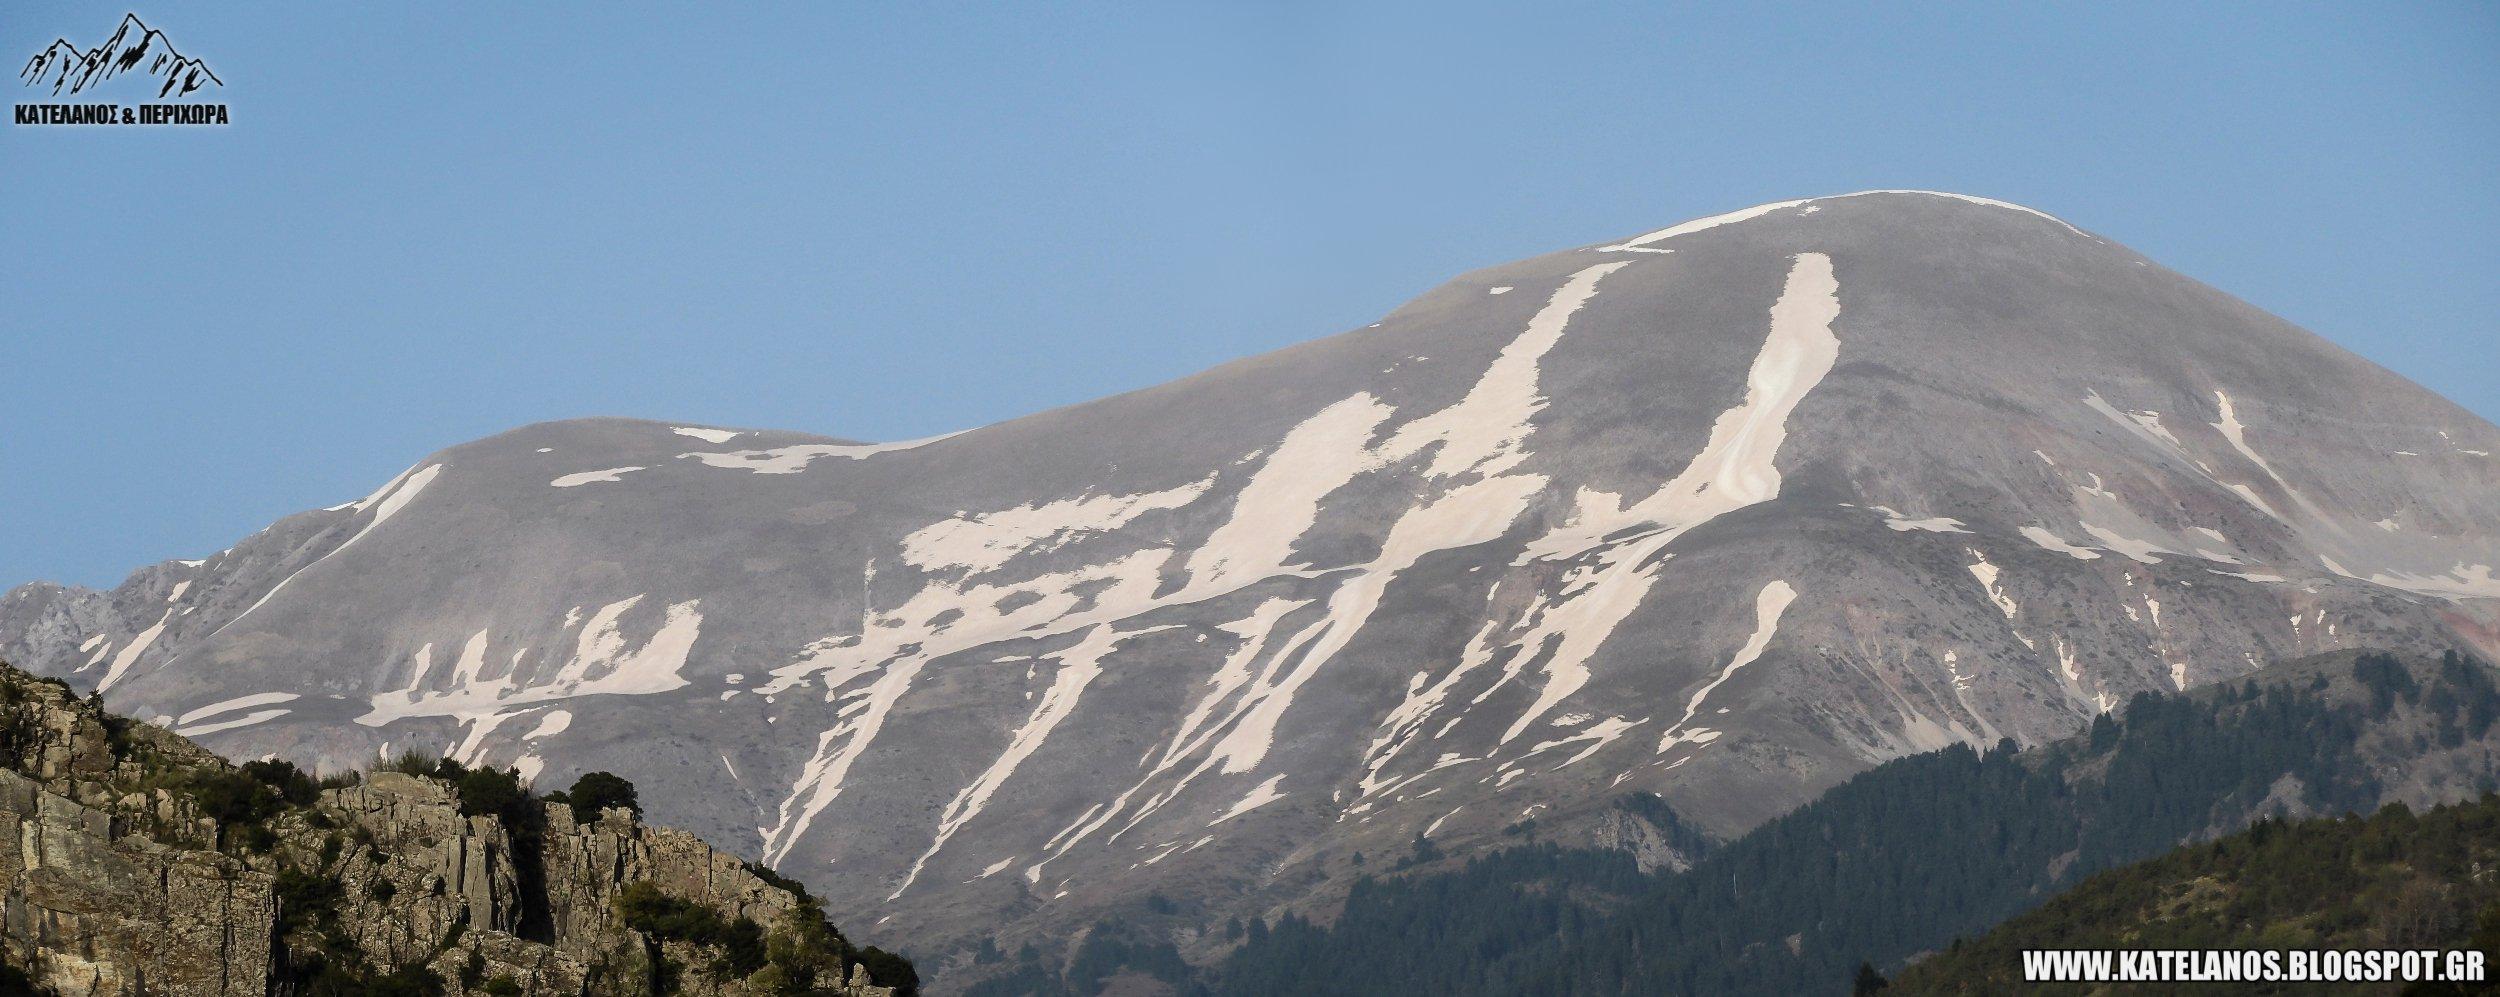 βουνο αυγο νοτιας πινδου τρικάλων χιονουρες